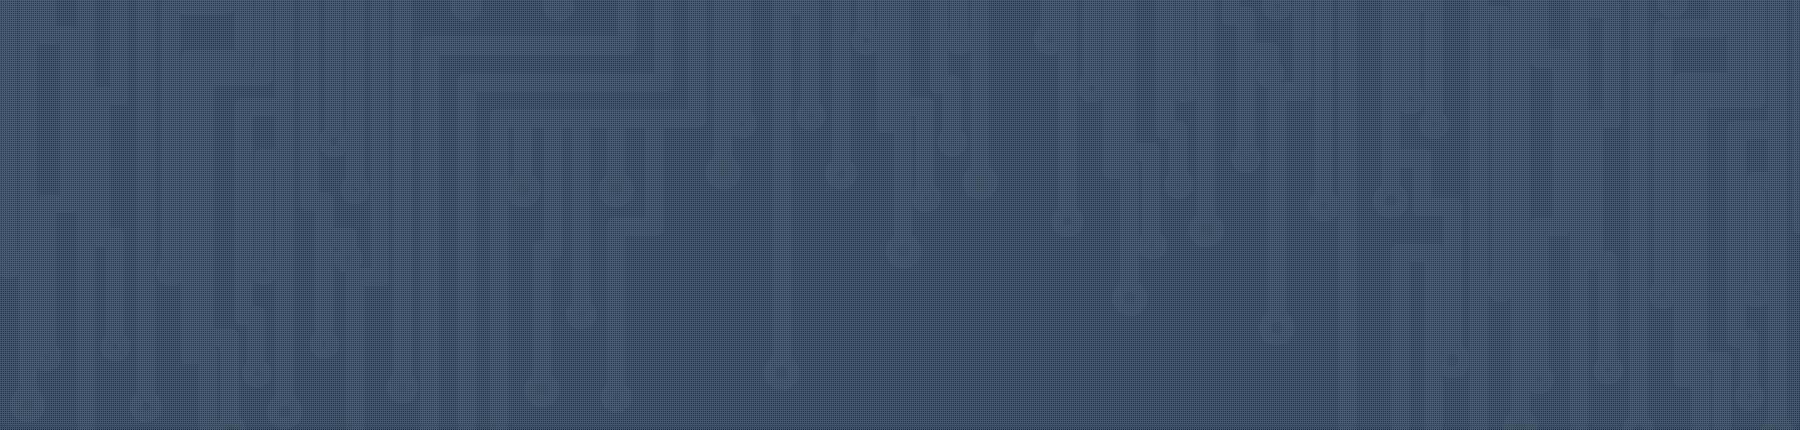 i7lab-blue-background